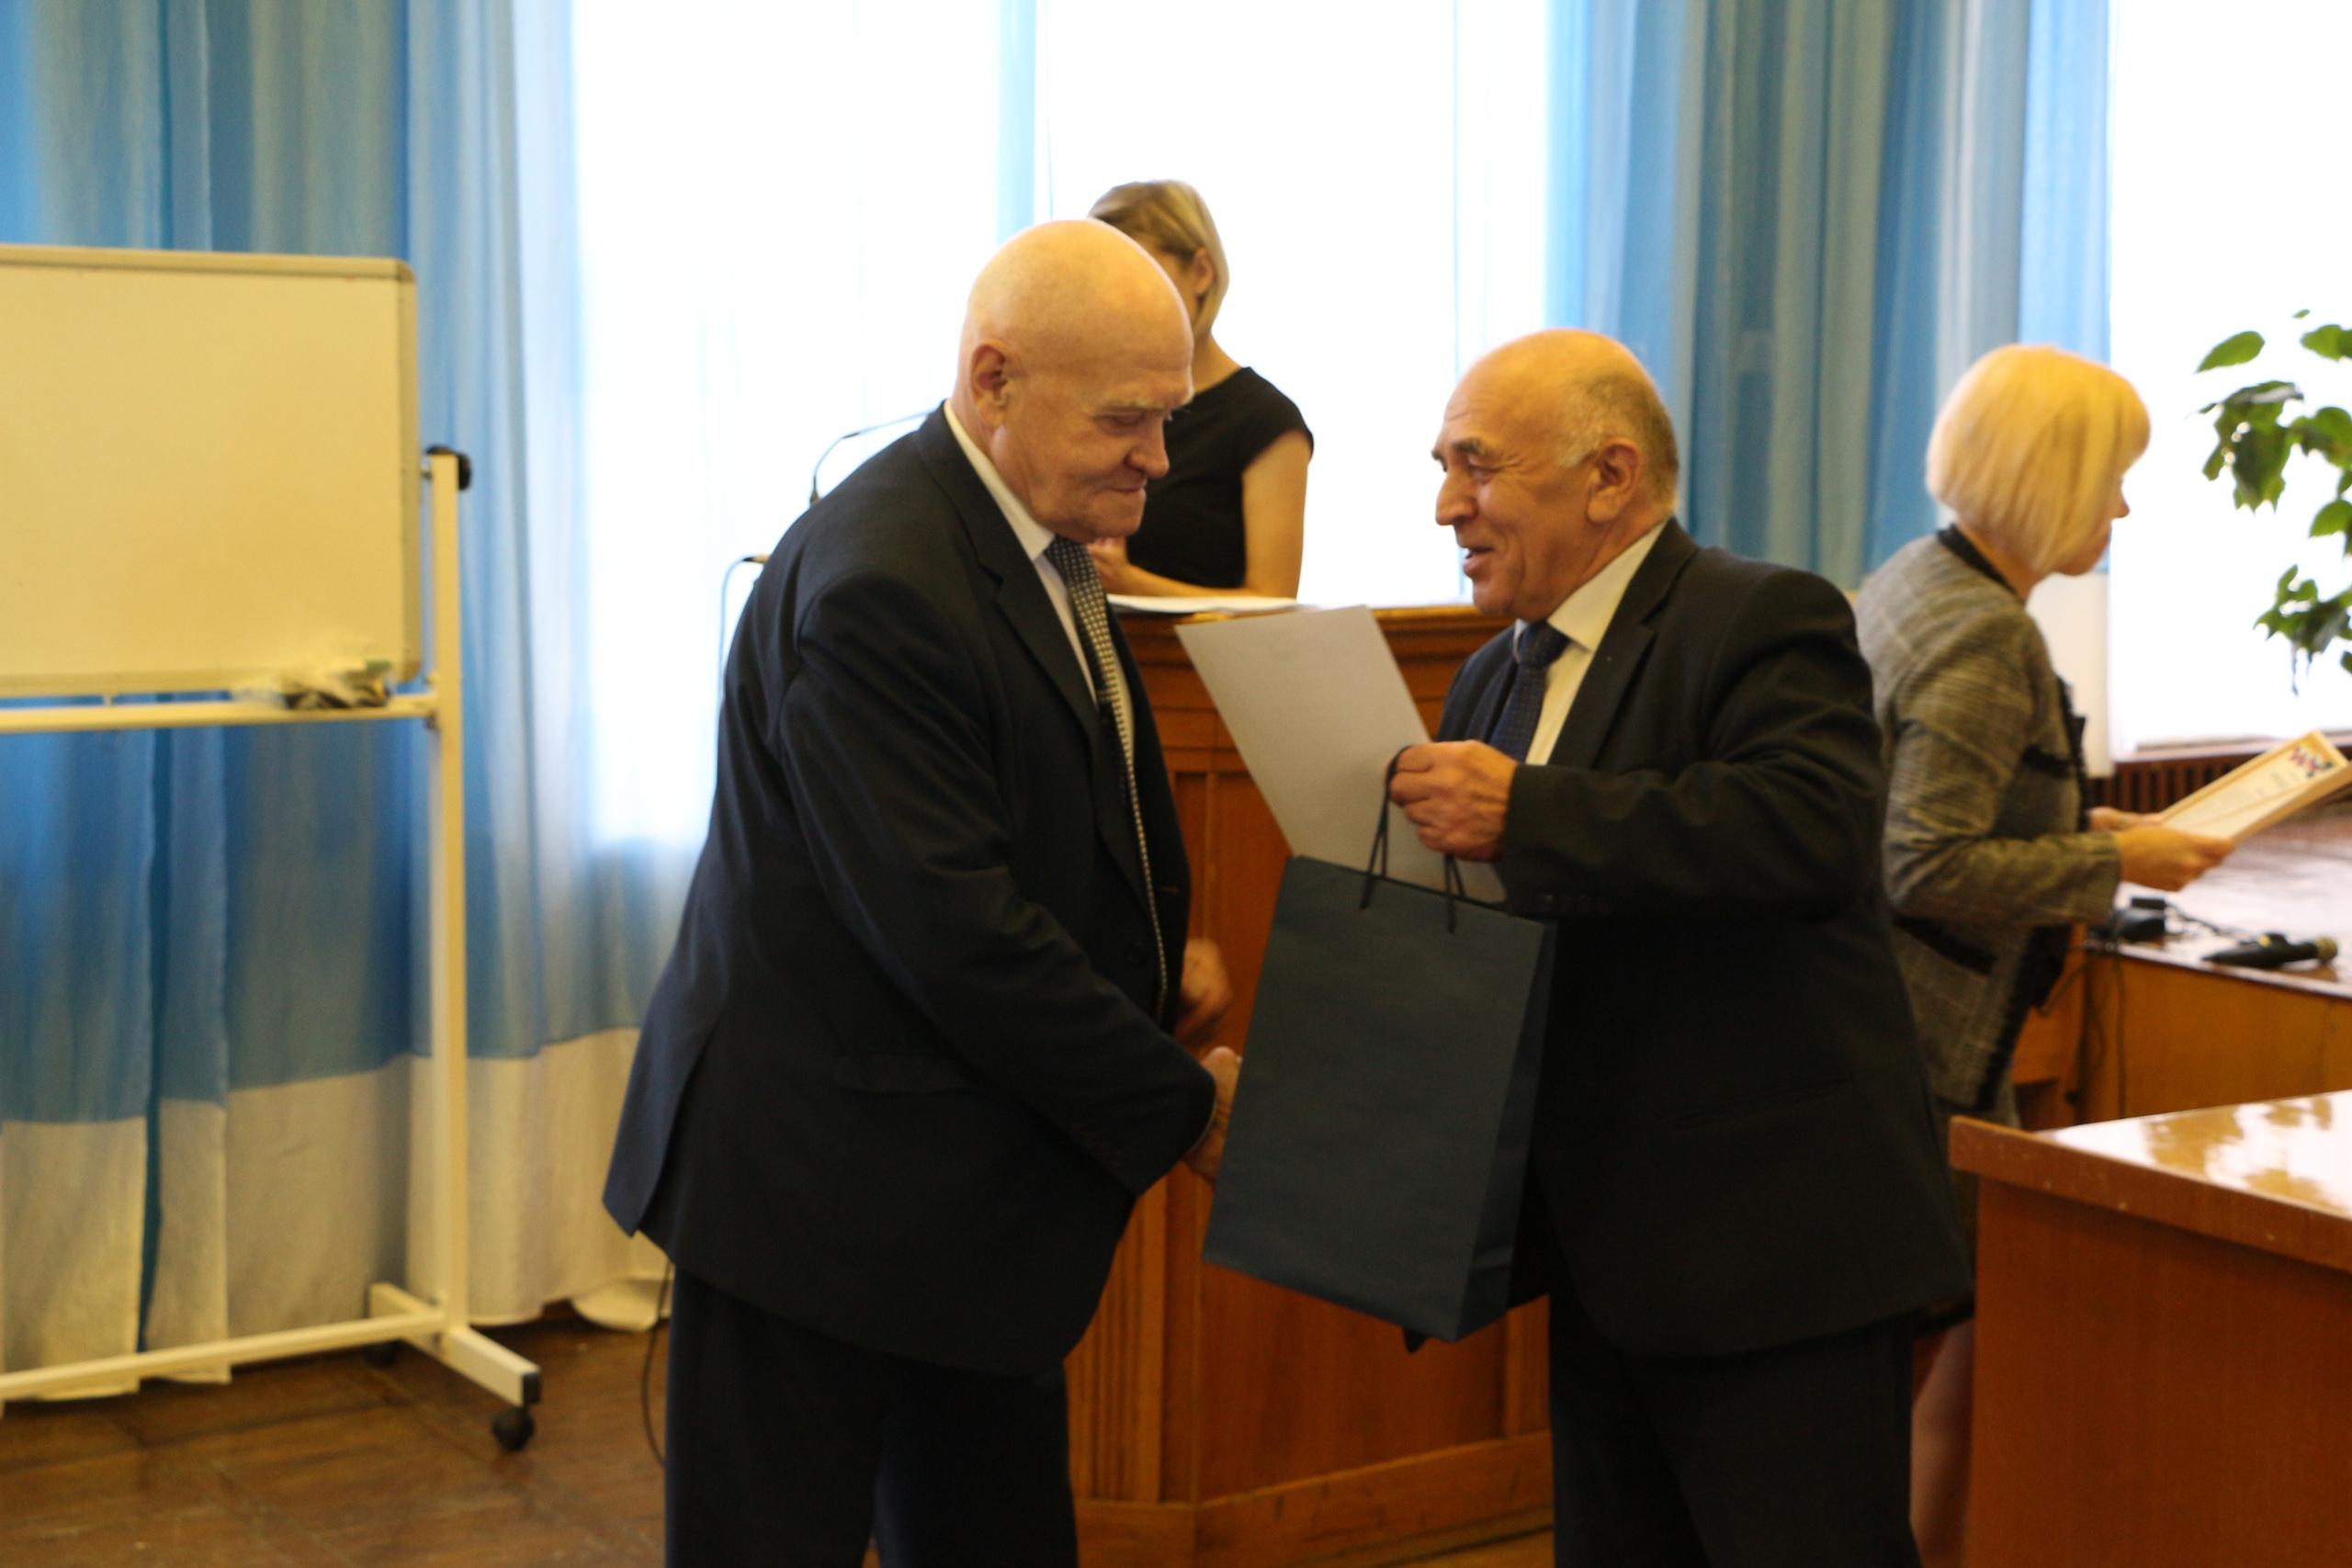 Сегодня состоялось заключительное заседание Совета Удорского района пятого созыва